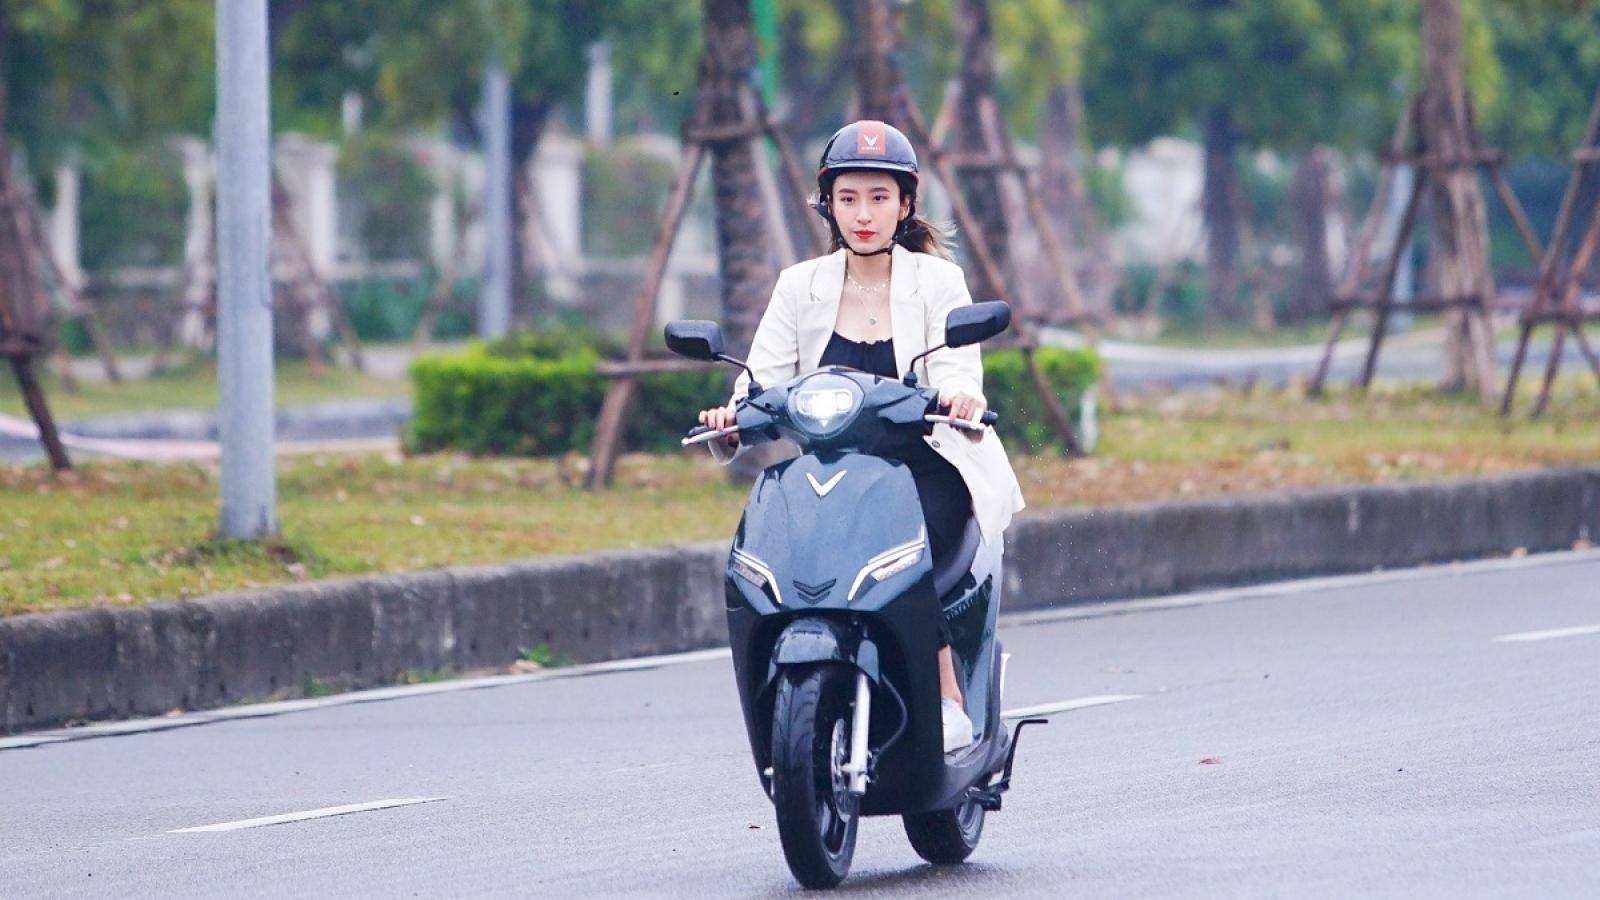 Từ 1/3 xe máy điện phải mua bảo hiểm bắt buộc trách nhiệm dân sự